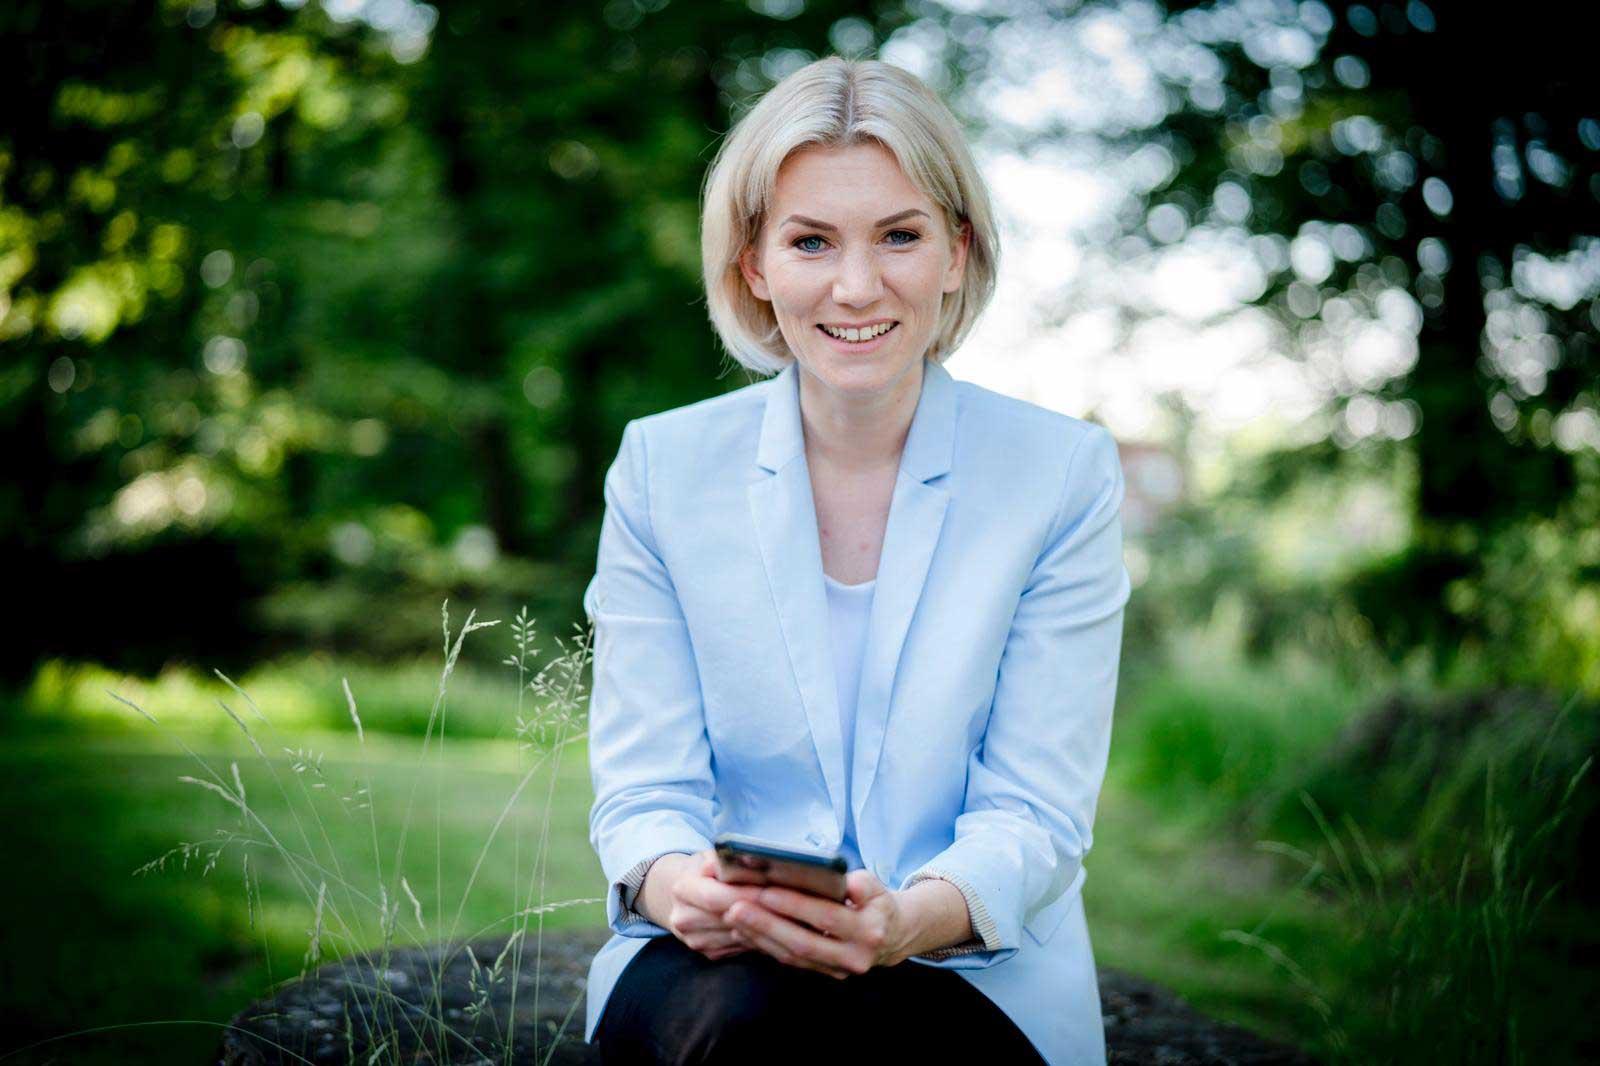 CDU-Anne-Koenig-Bundestagswahl-2021-Kreis-Borken